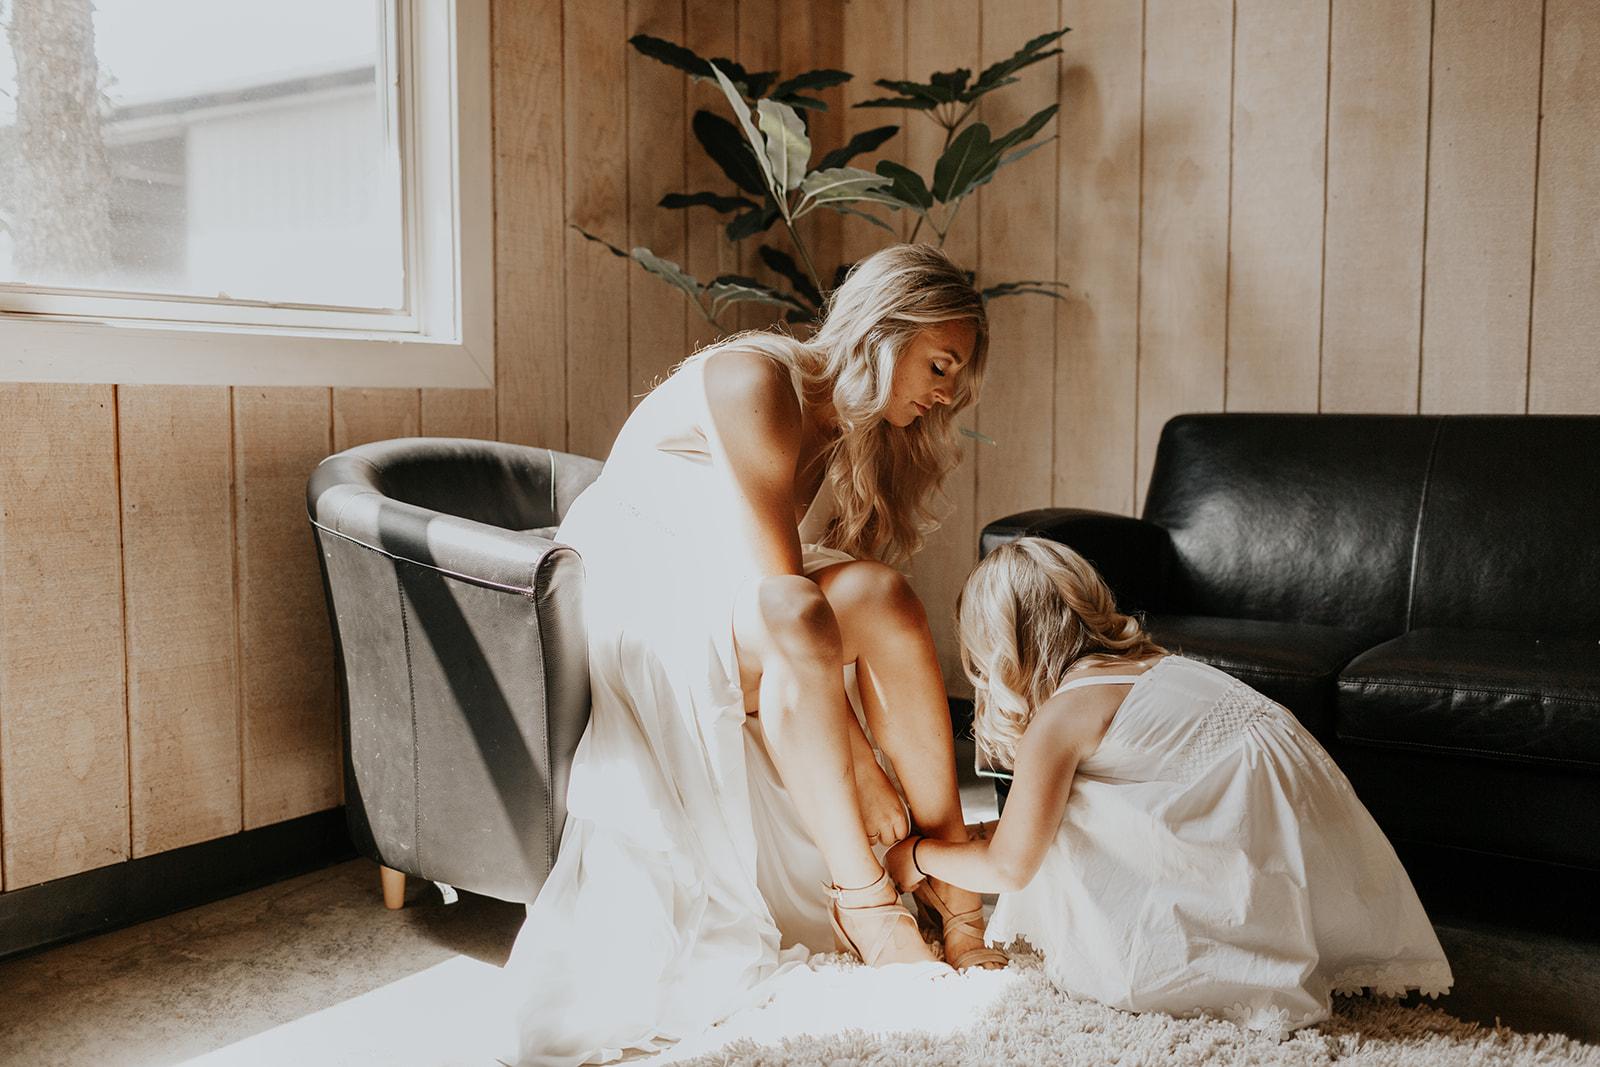 ginapaulson_larabryce_wedding-85.jpg